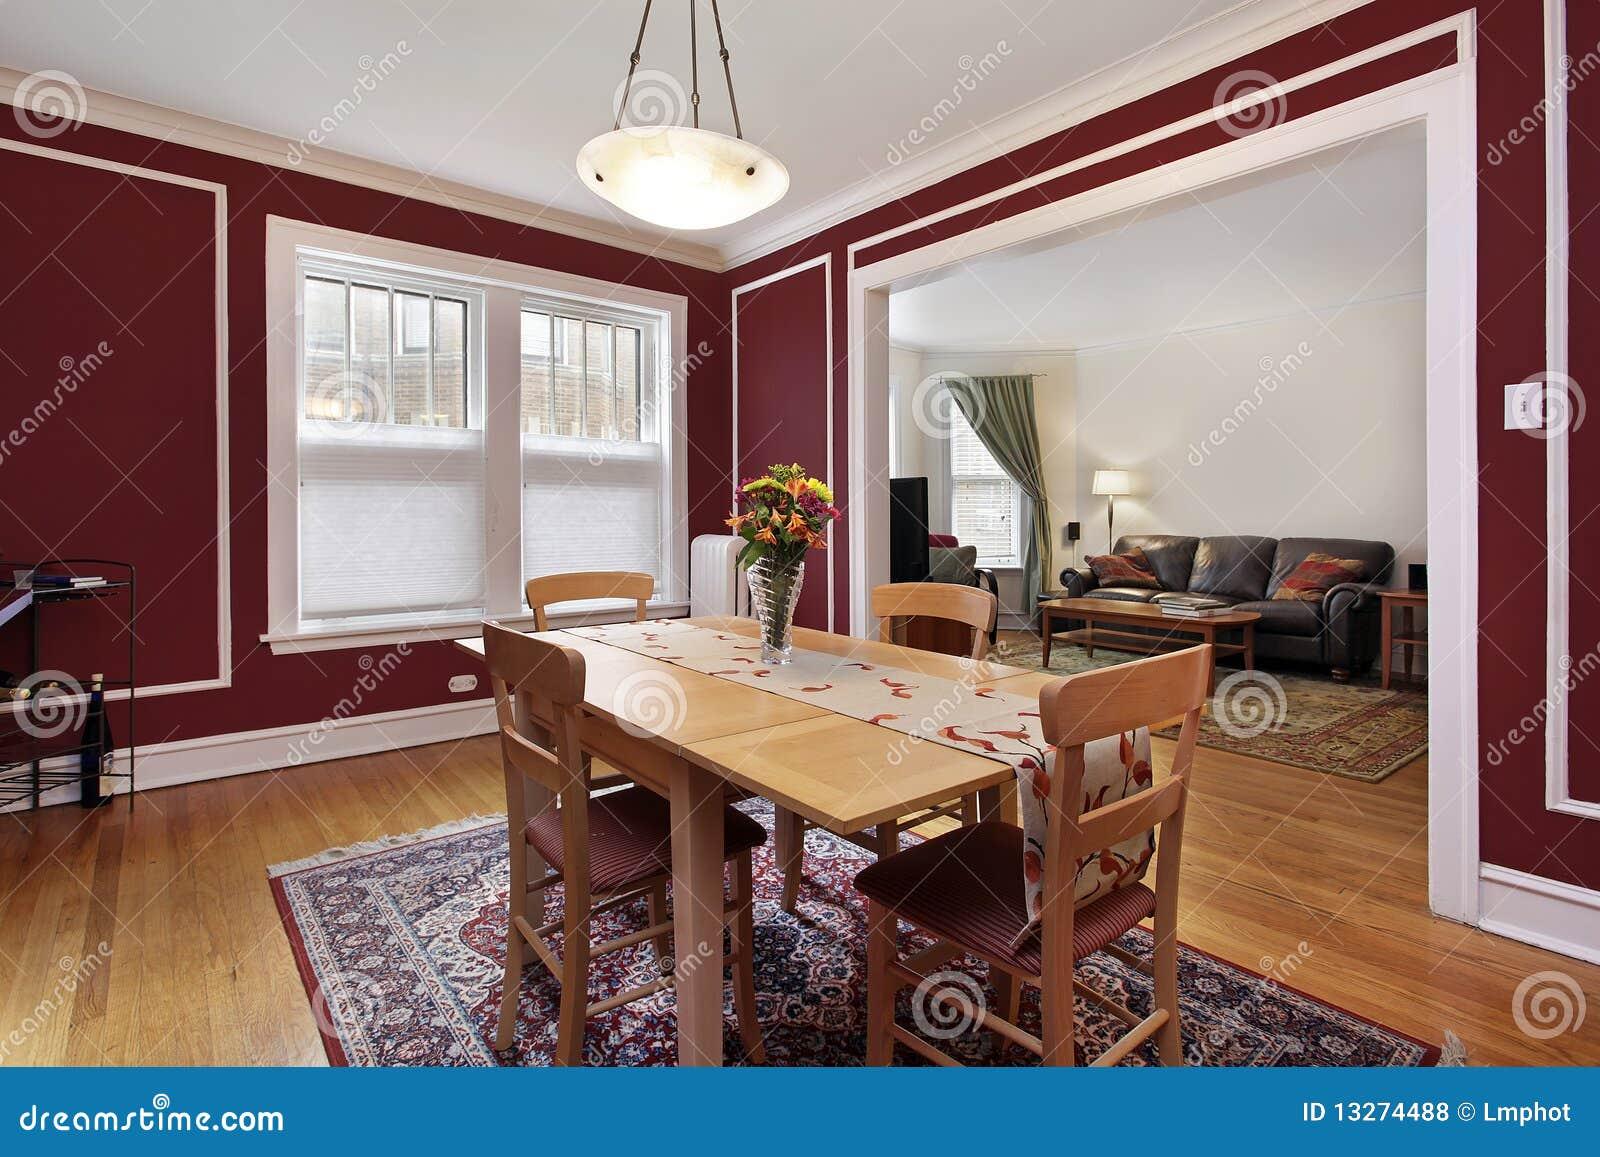 Sala Da Pranzo Con Le Pareti Rosse Fotografia Stock - Immagine: 13274488